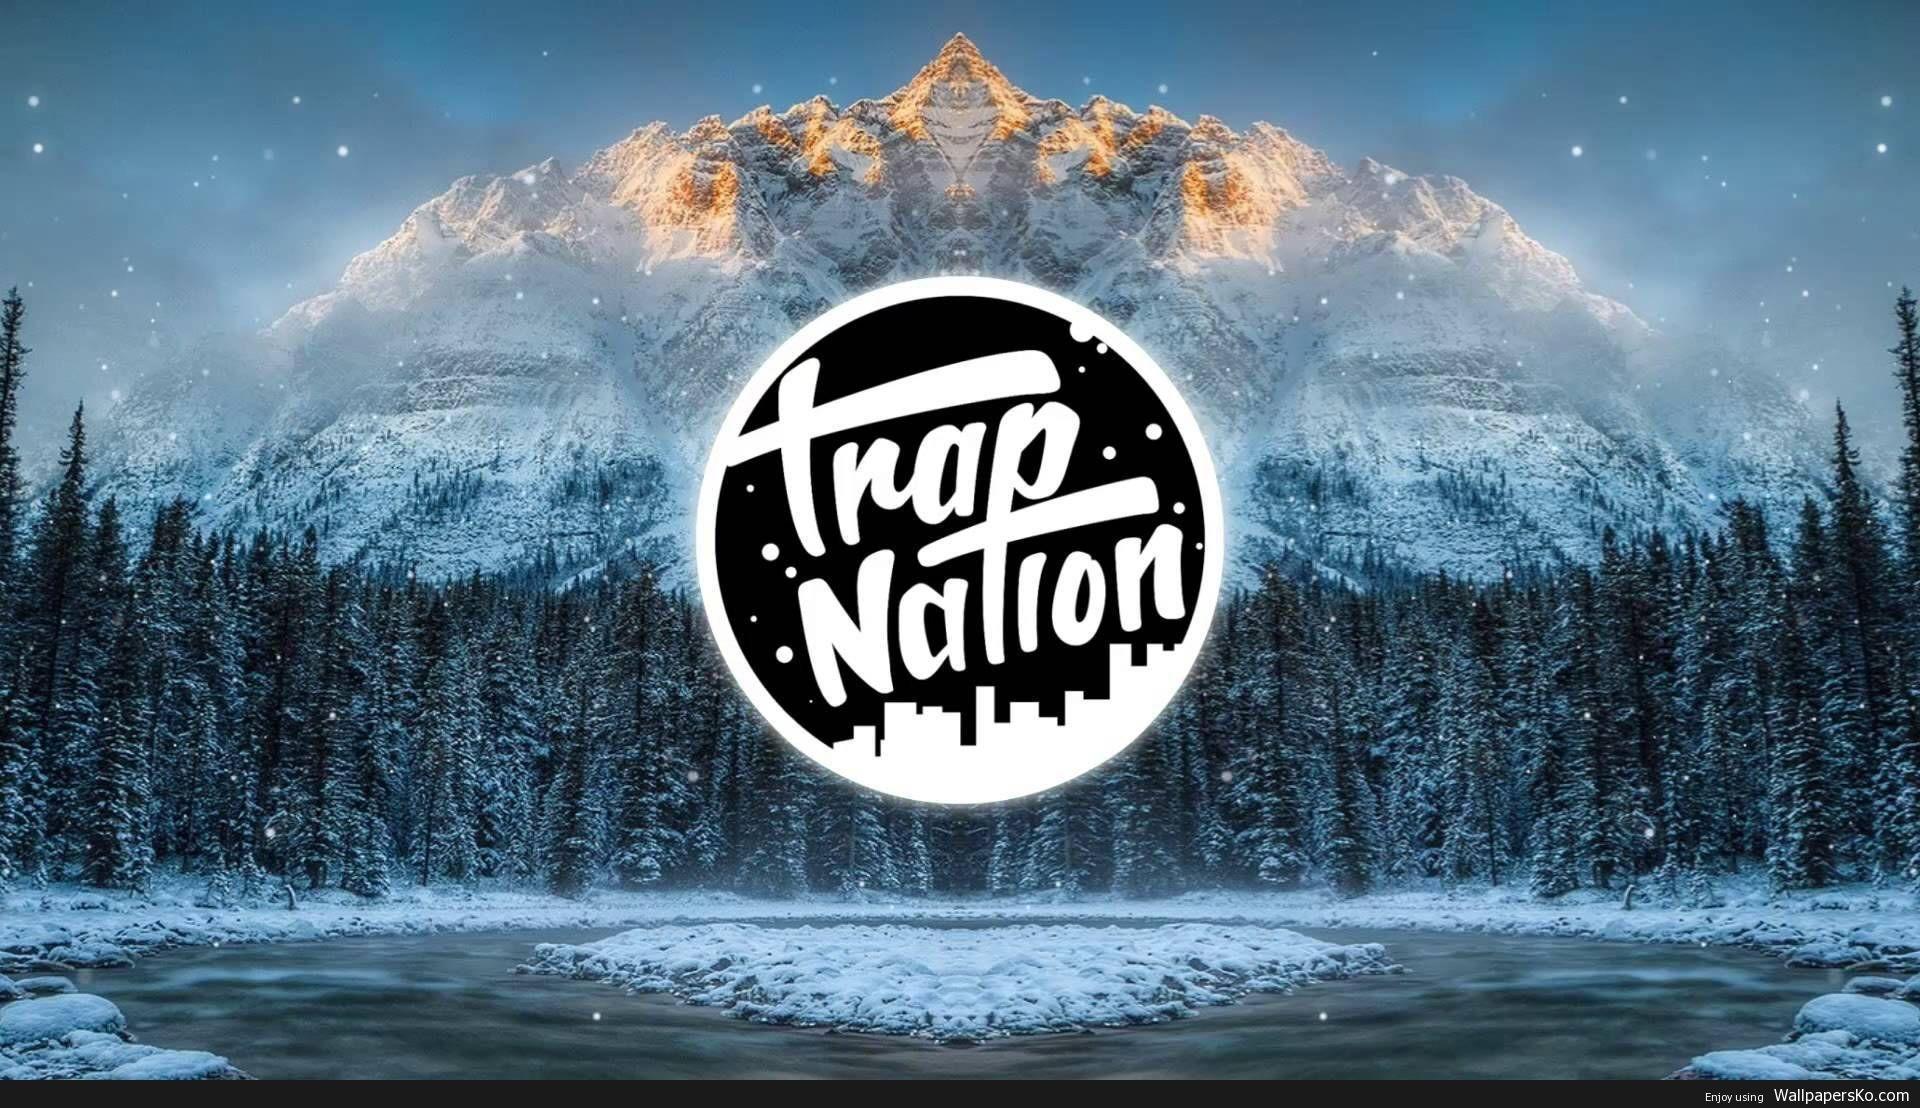 Chill Nation Wallpaper Http Wallpapersko Com Chill Nation Wallpaper Html Hd Wallpapers Download Trap Music Remix Deep House Music